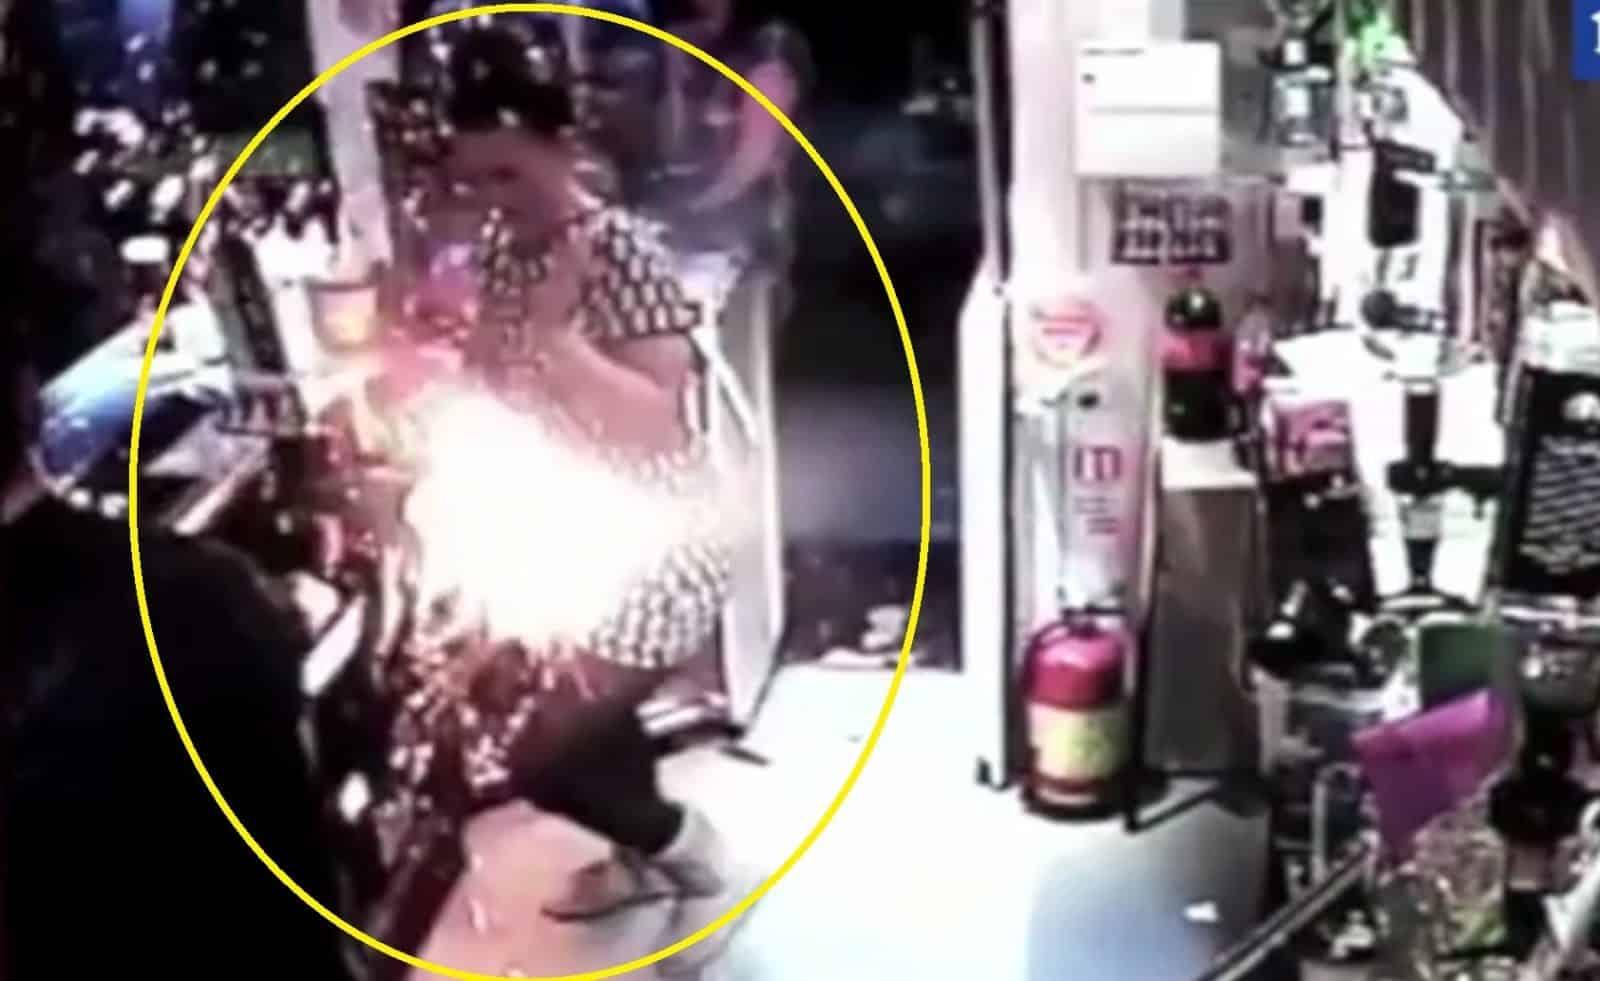 E-Cigarette explosion in bar